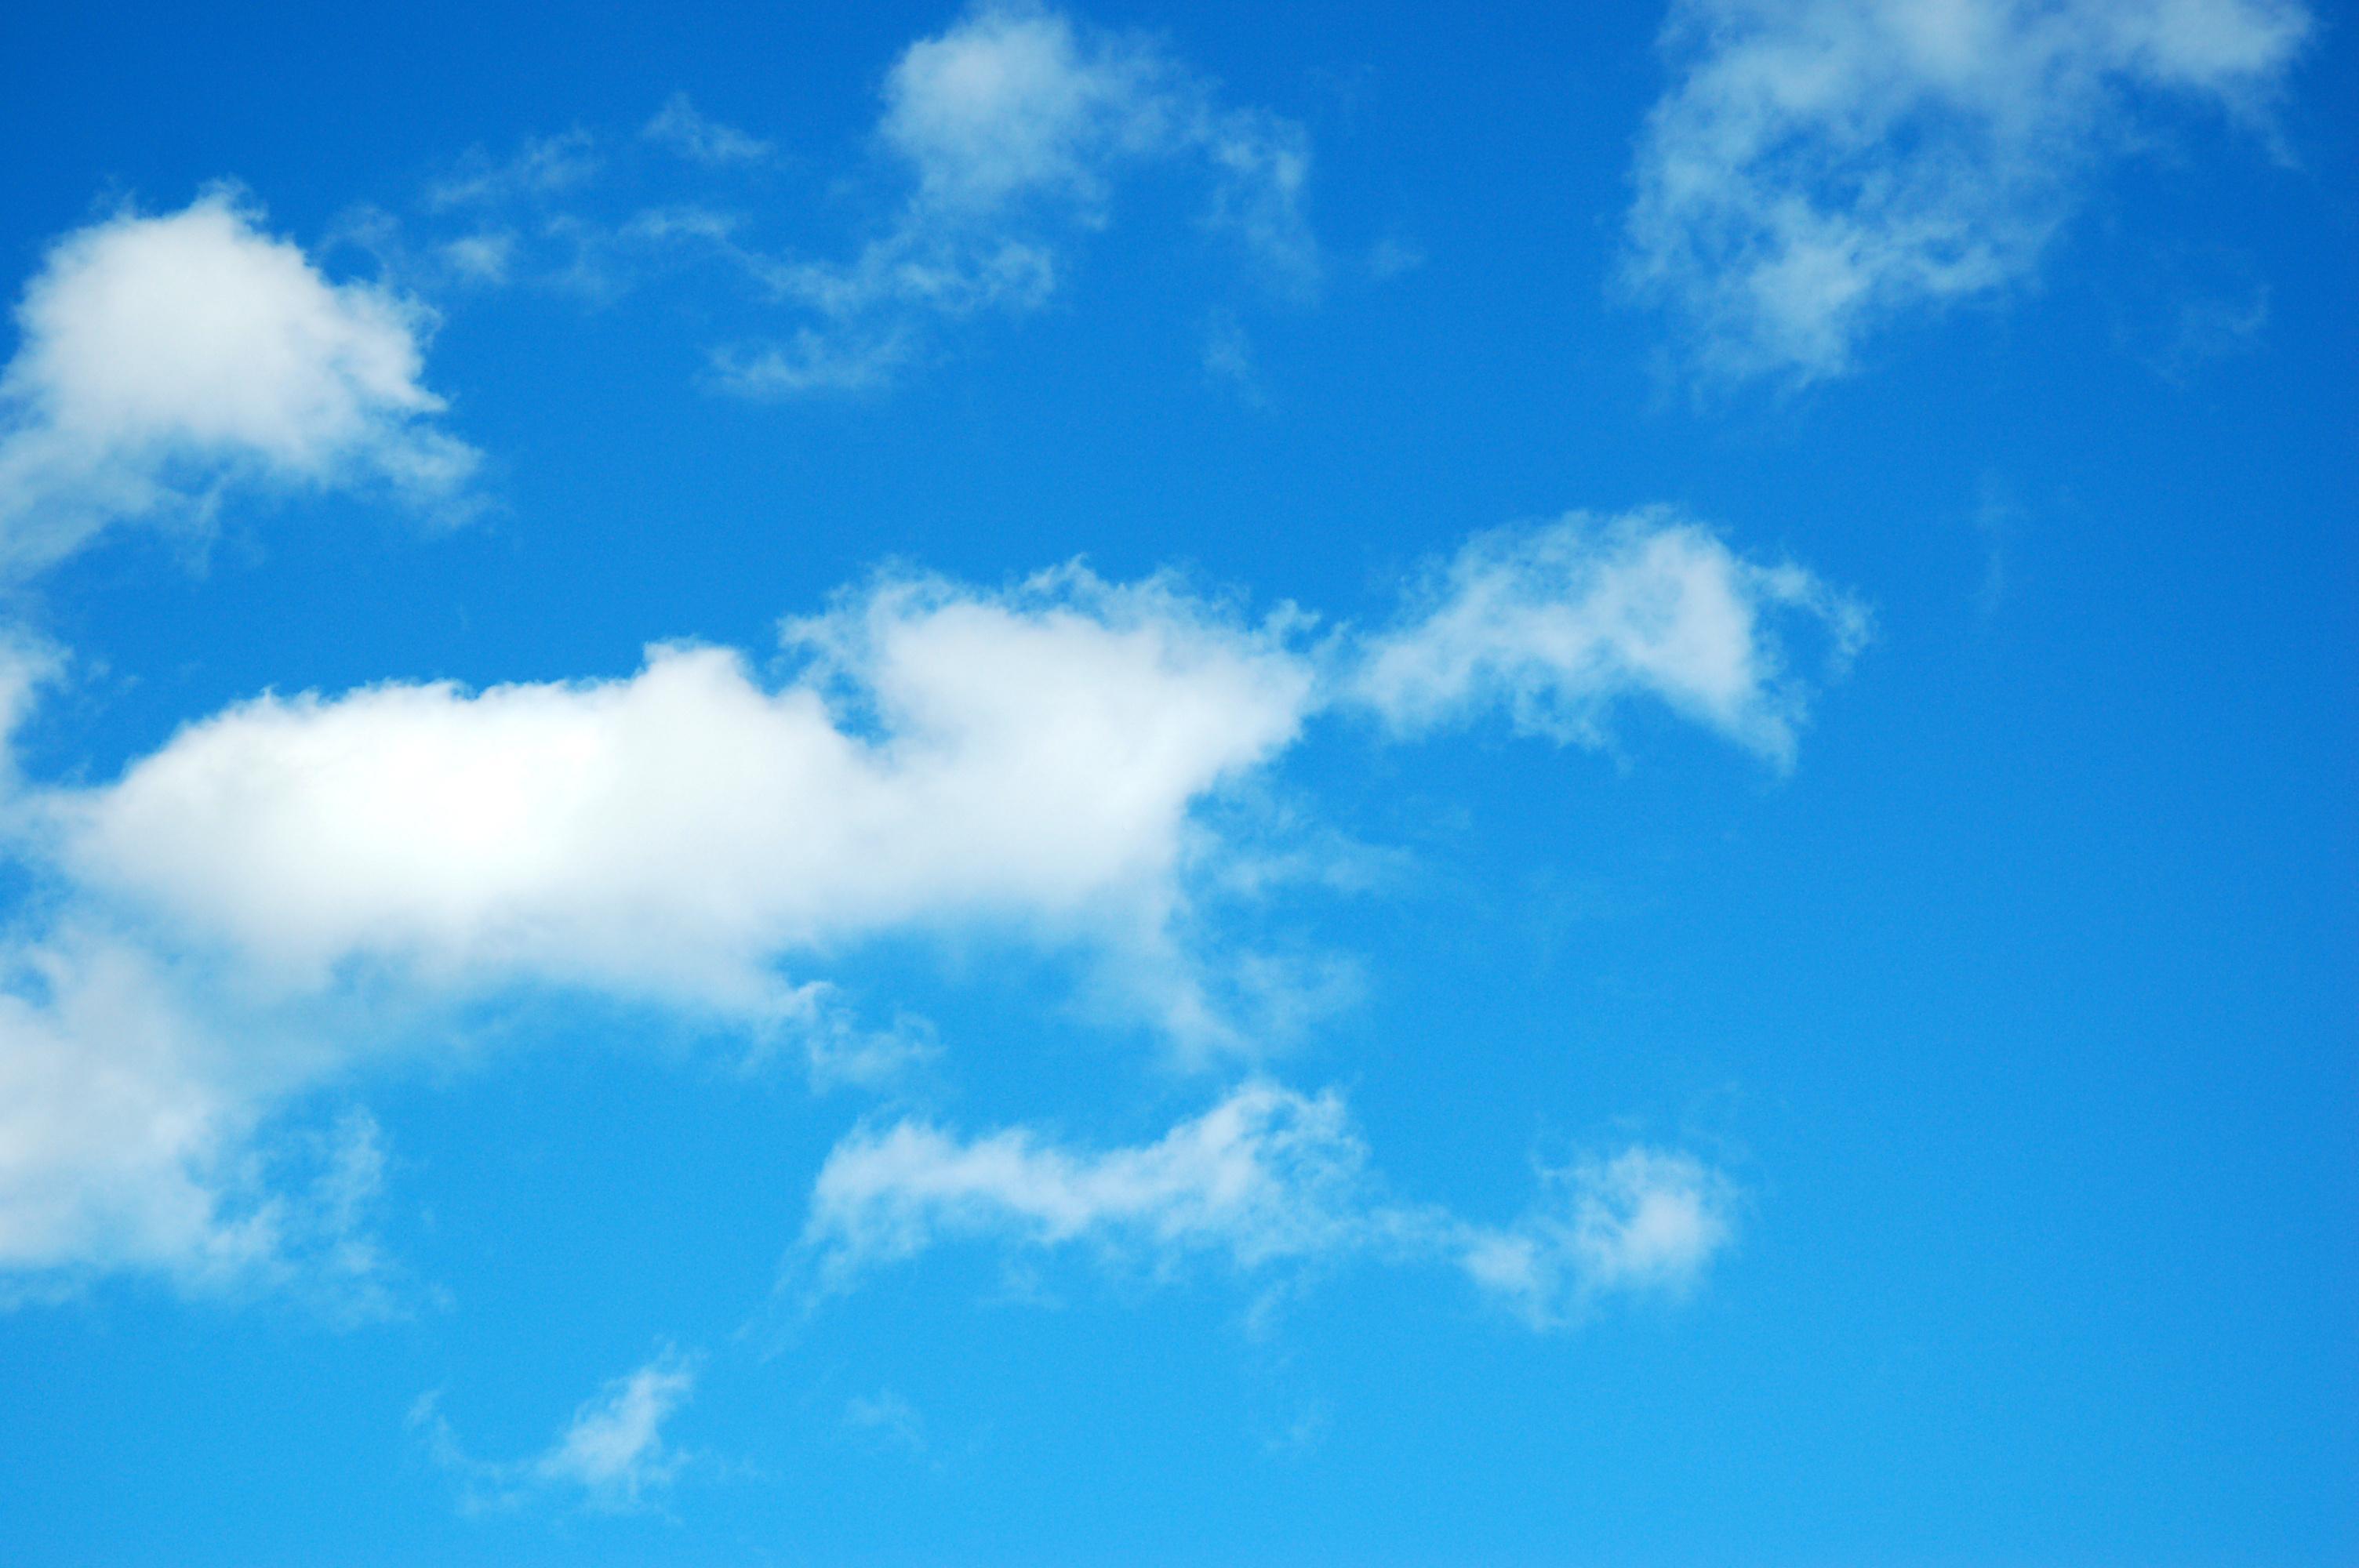 Hình trời xanh rì mây trắng phau